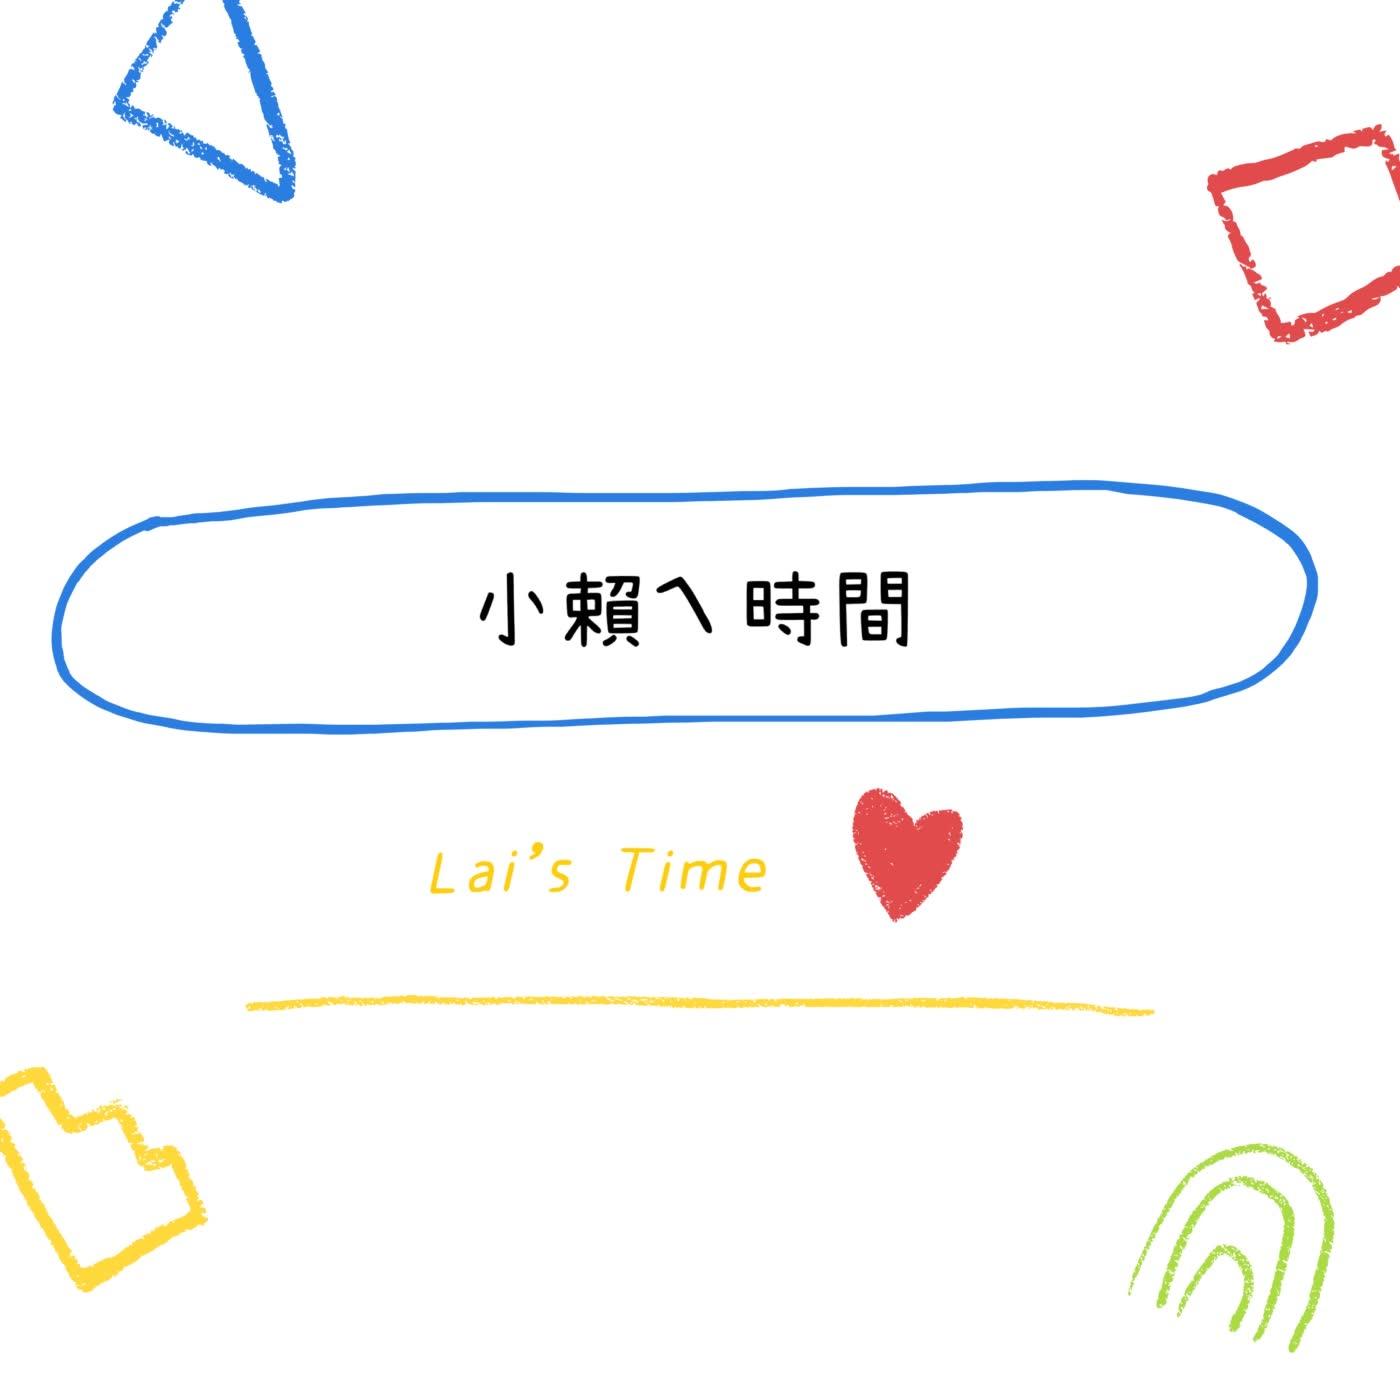 小賴ㄟ時間